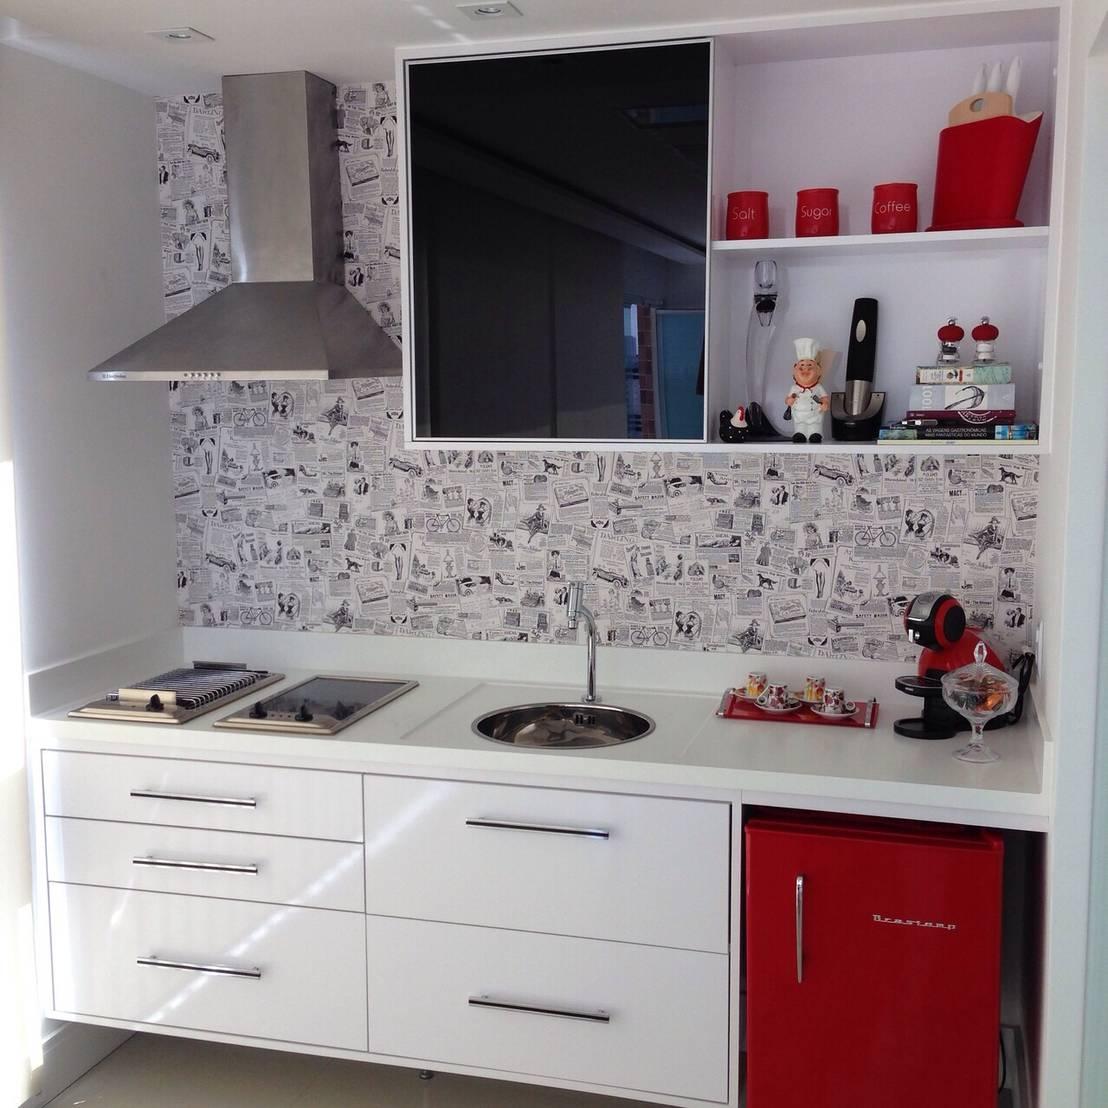 26 cozinhas que te inspirar o se a sua casa for pequena for Como se decora una cocina pequena